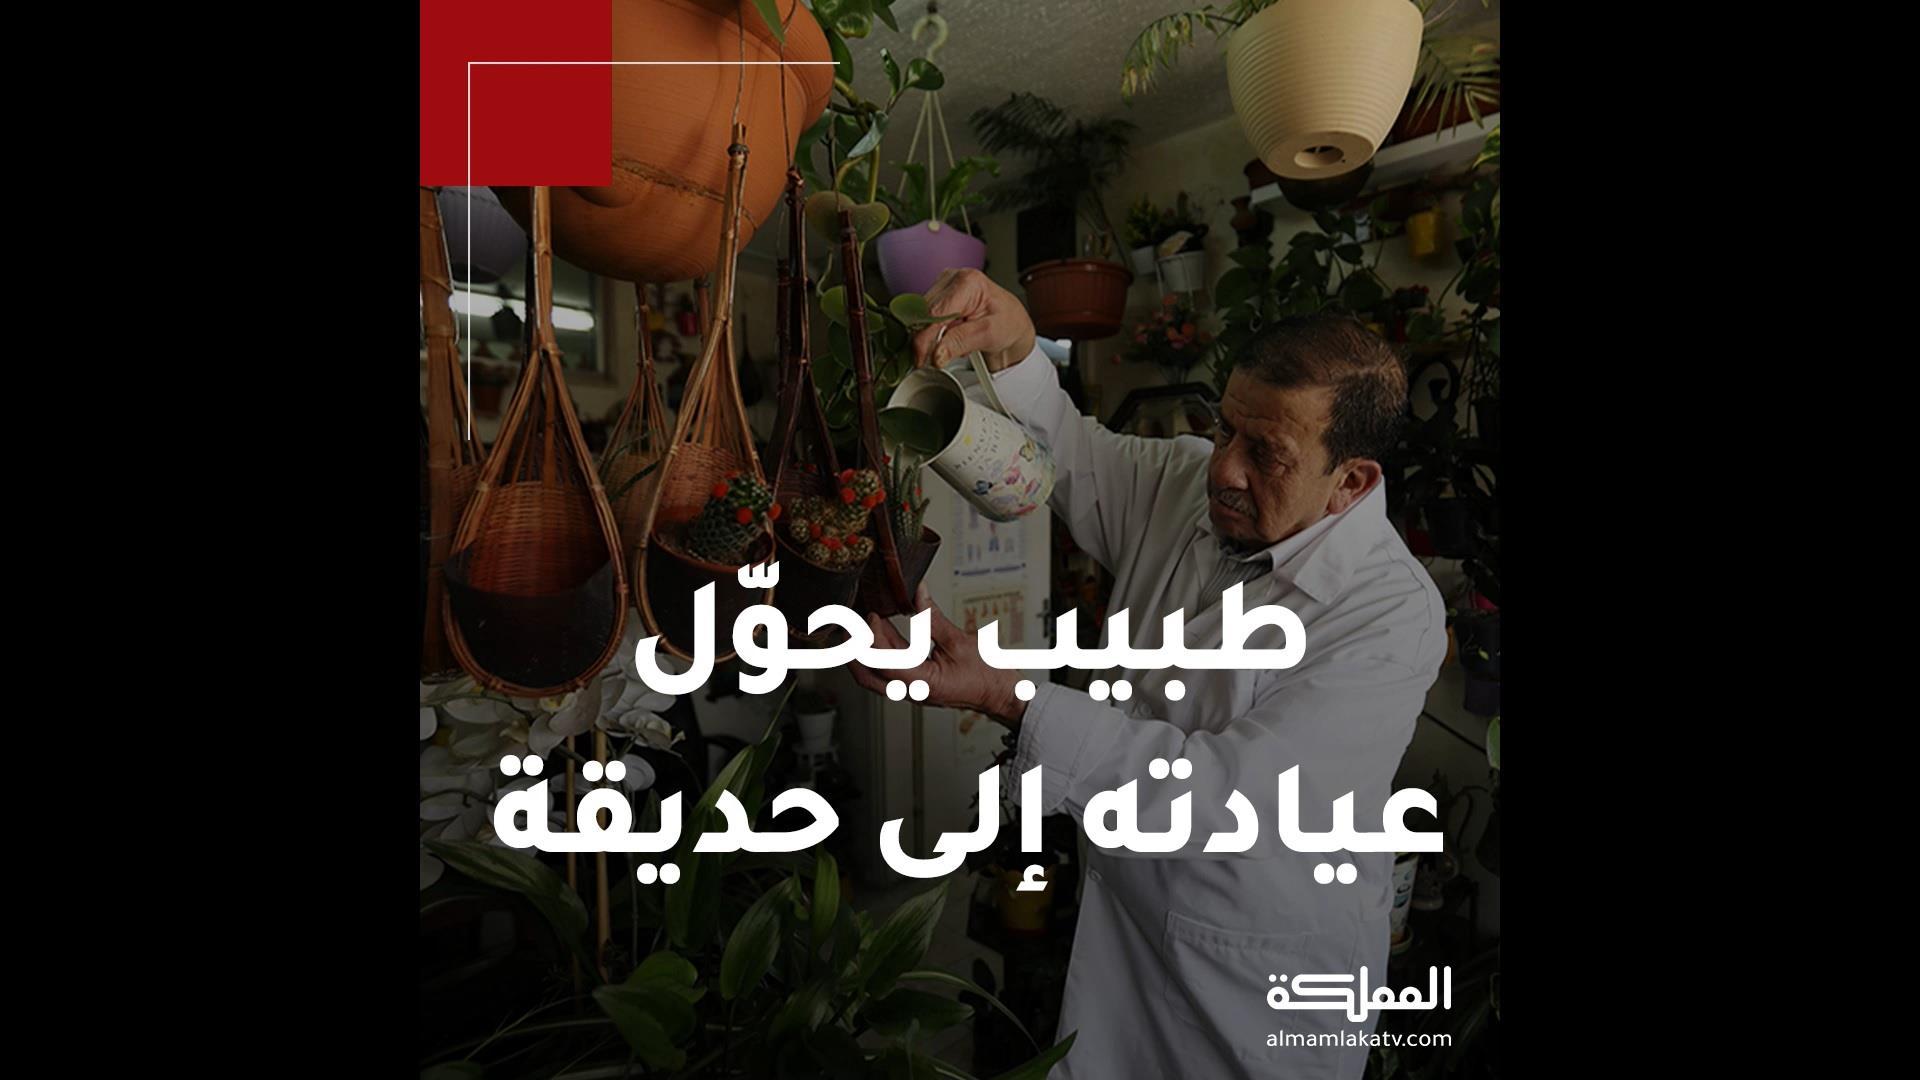 طبيب أردني مولع بالنباتات يعتني بالمئات منها في عيادته الصغيرة